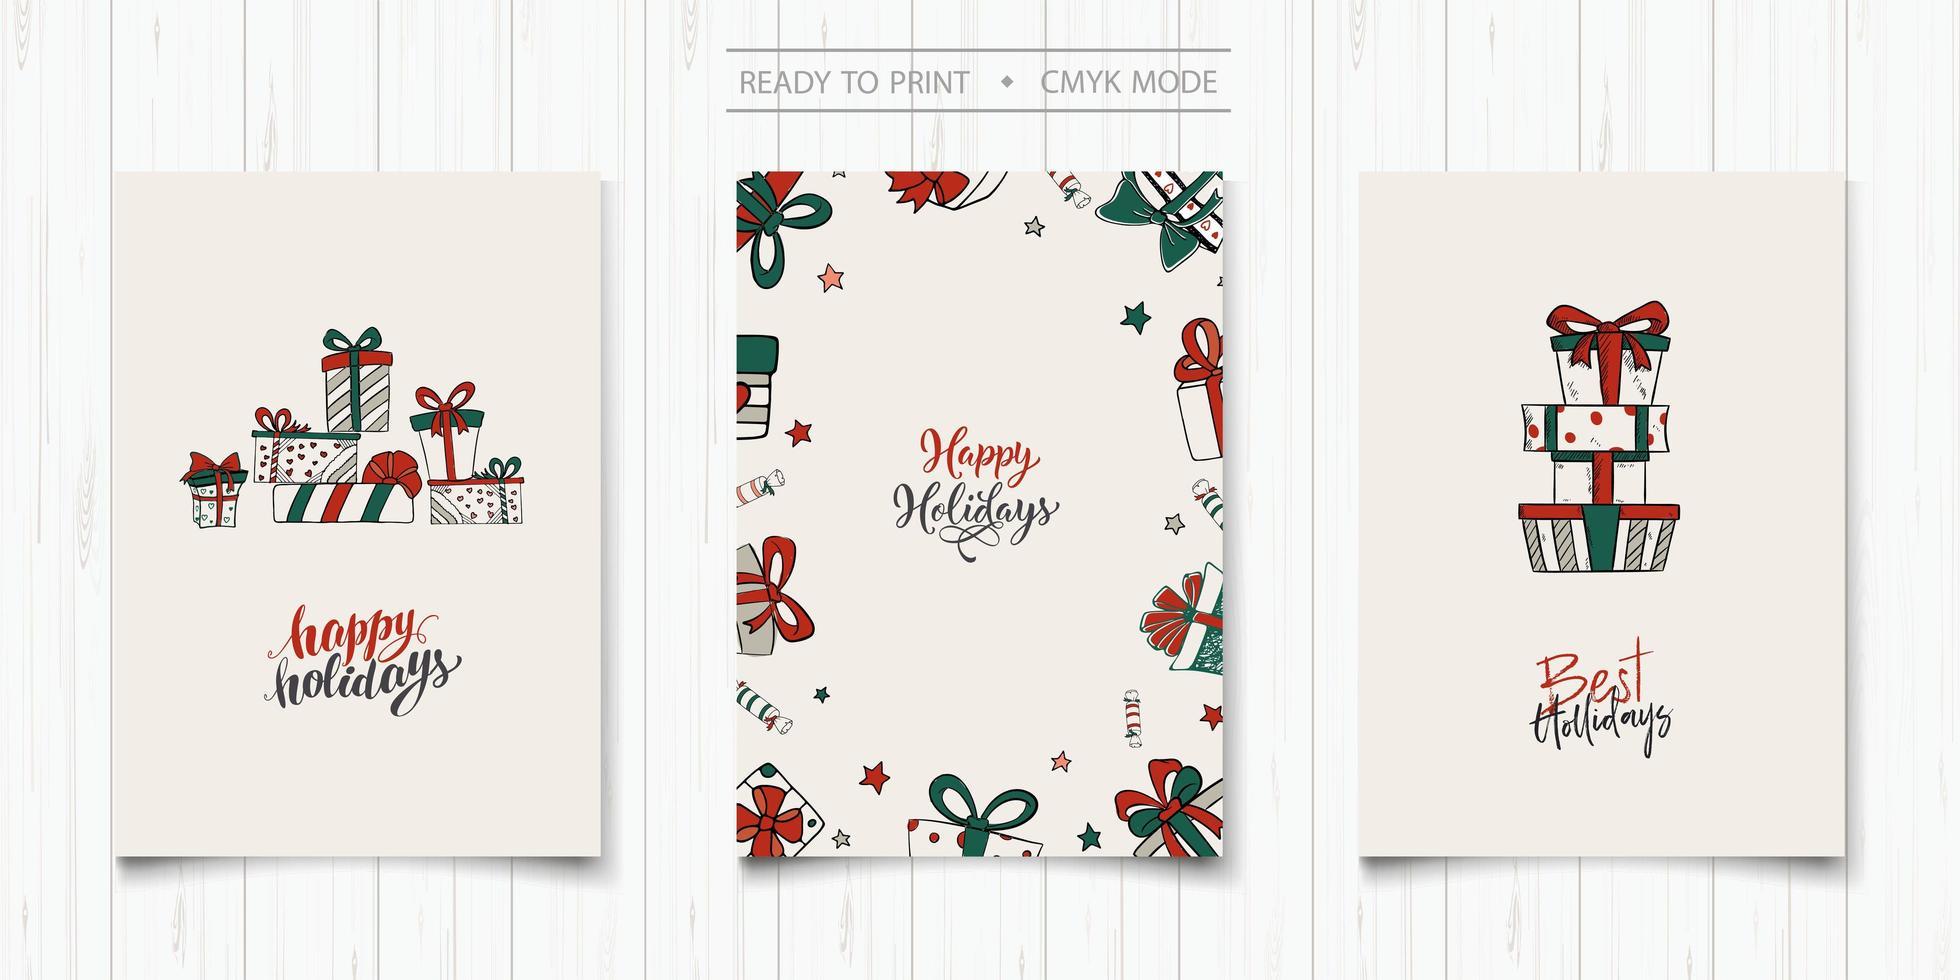 conjunto de cartões de férias minimalistas estilo desenhado à mão vetor